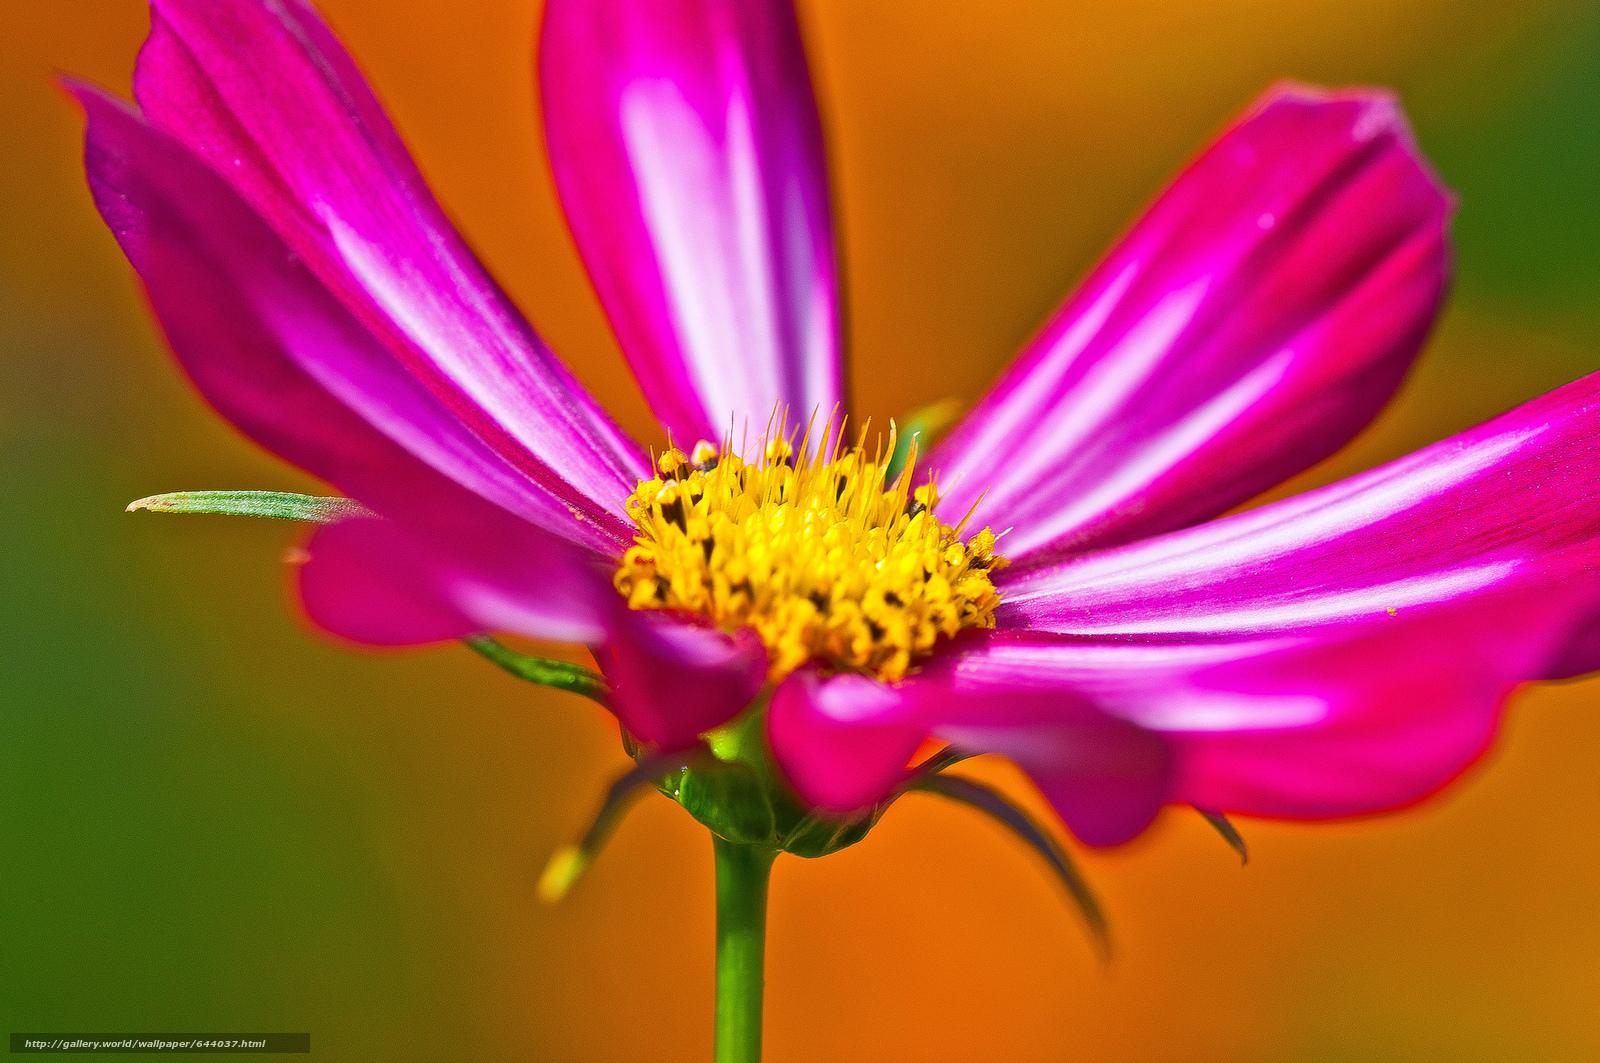 Скачать обои цветы,  цветок,  космея,  космеи бесплатно для рабочего стола в разрешении 2048x1360 — картинка №644037